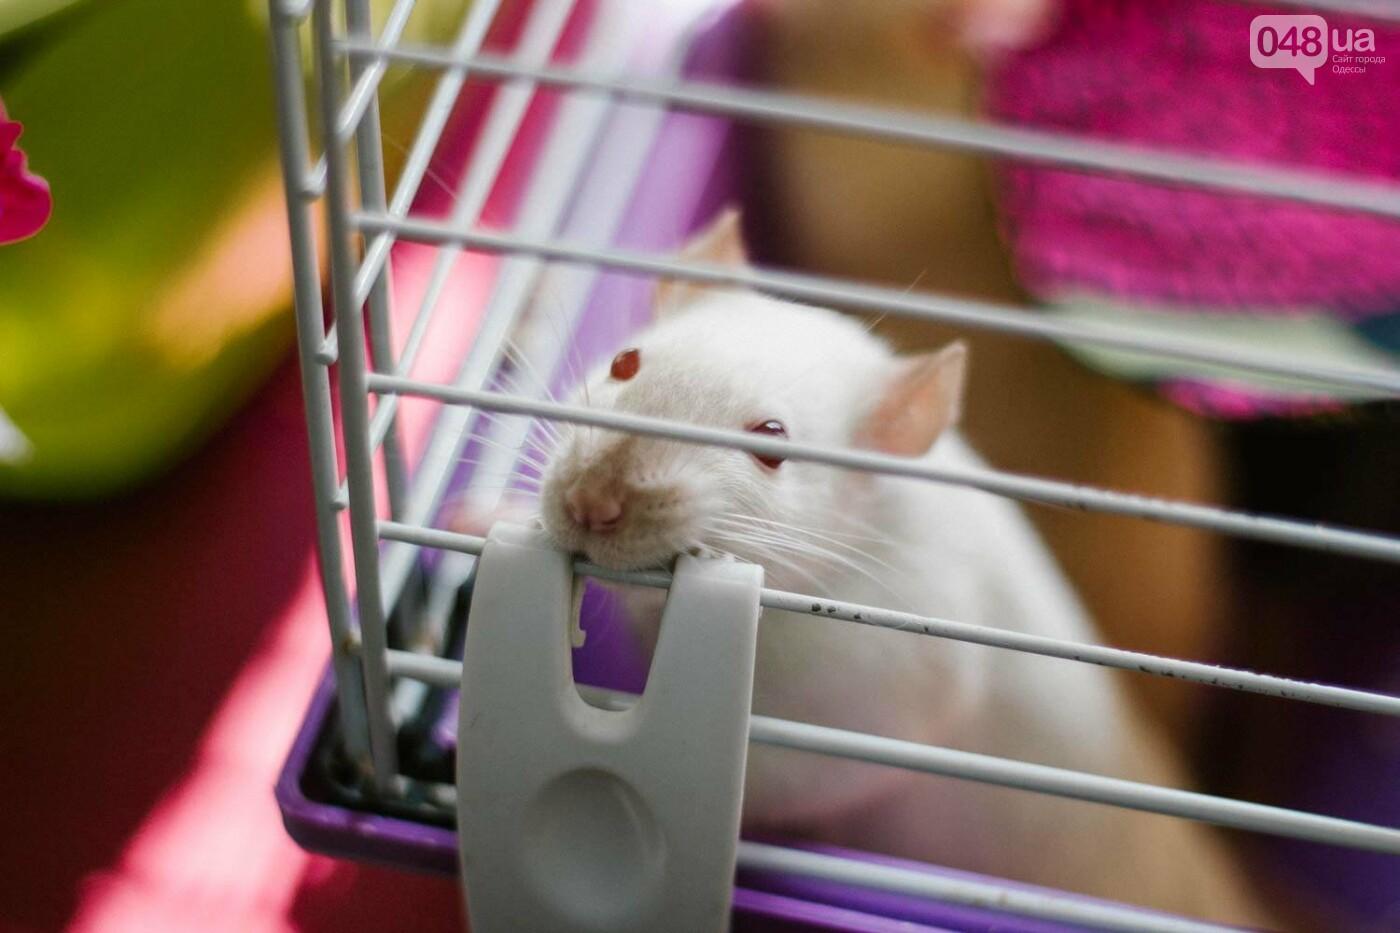 Канатоходцы, бегуны и модники: в Одессе крысам устроили необычный конкурс, - ФОТО, фото-8